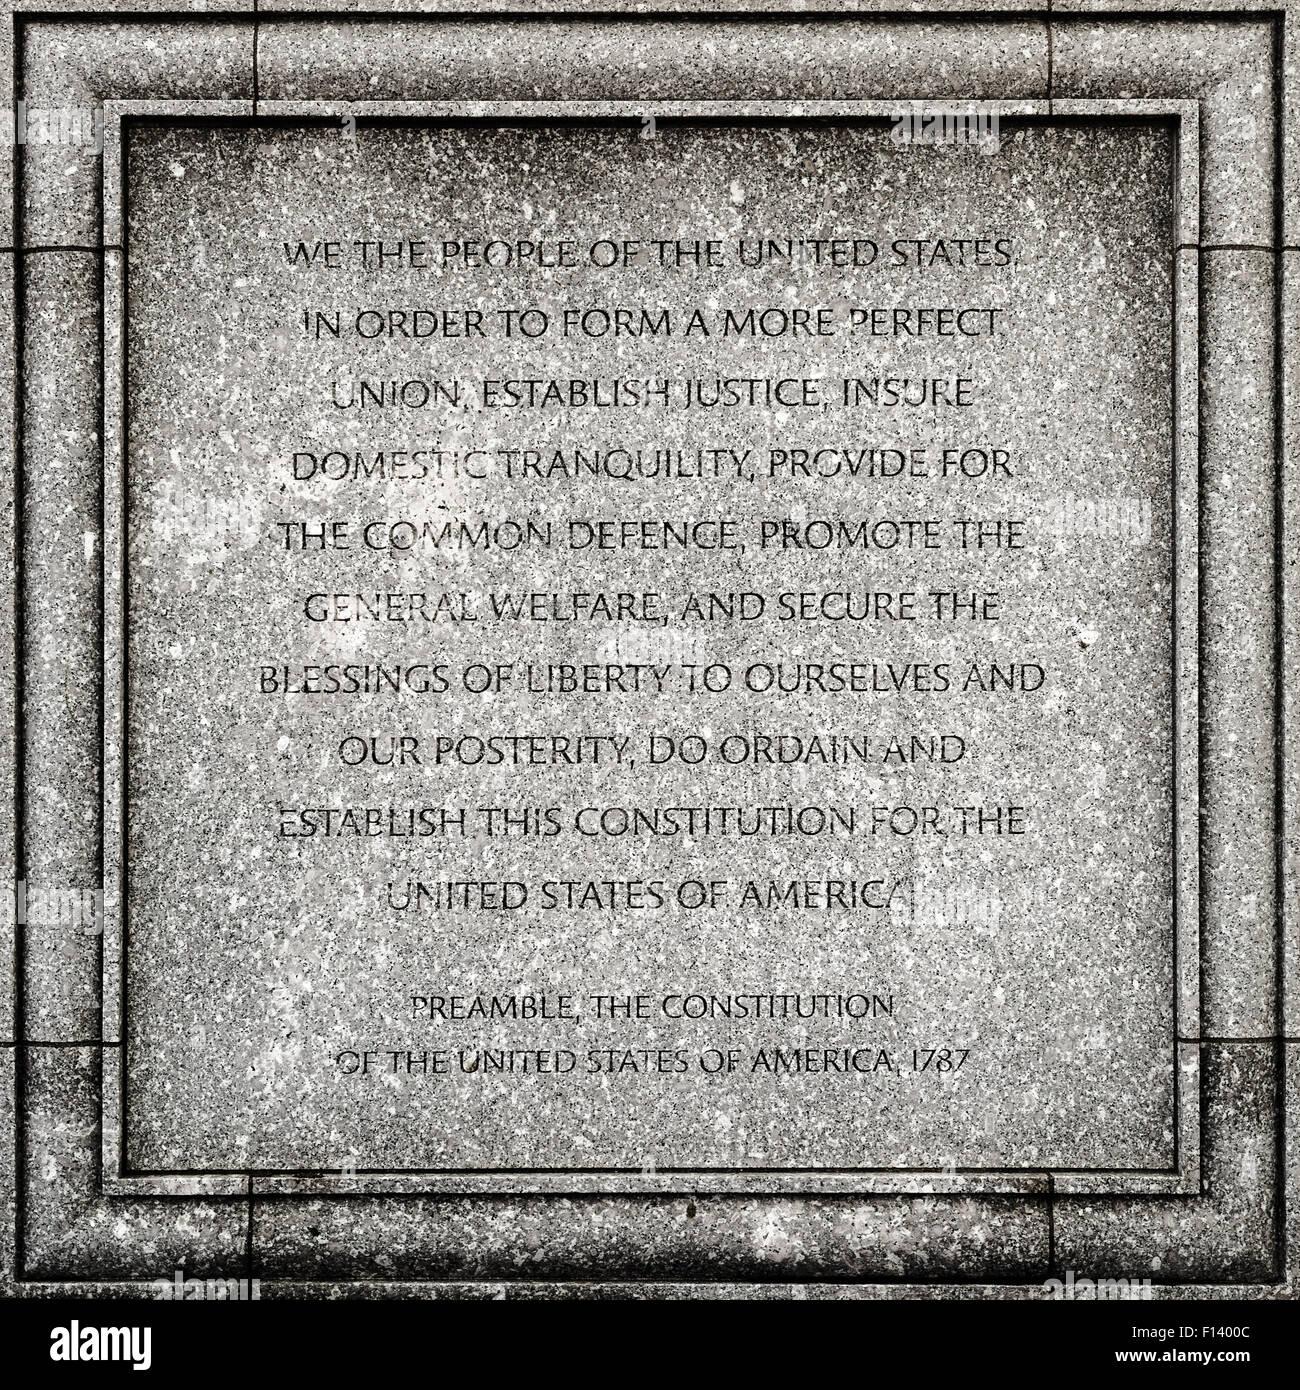 Dettagli esterni di John Joseph Moakley United States Courthouse in Boston - Preambolo della Costituzione USA Immagini Stock